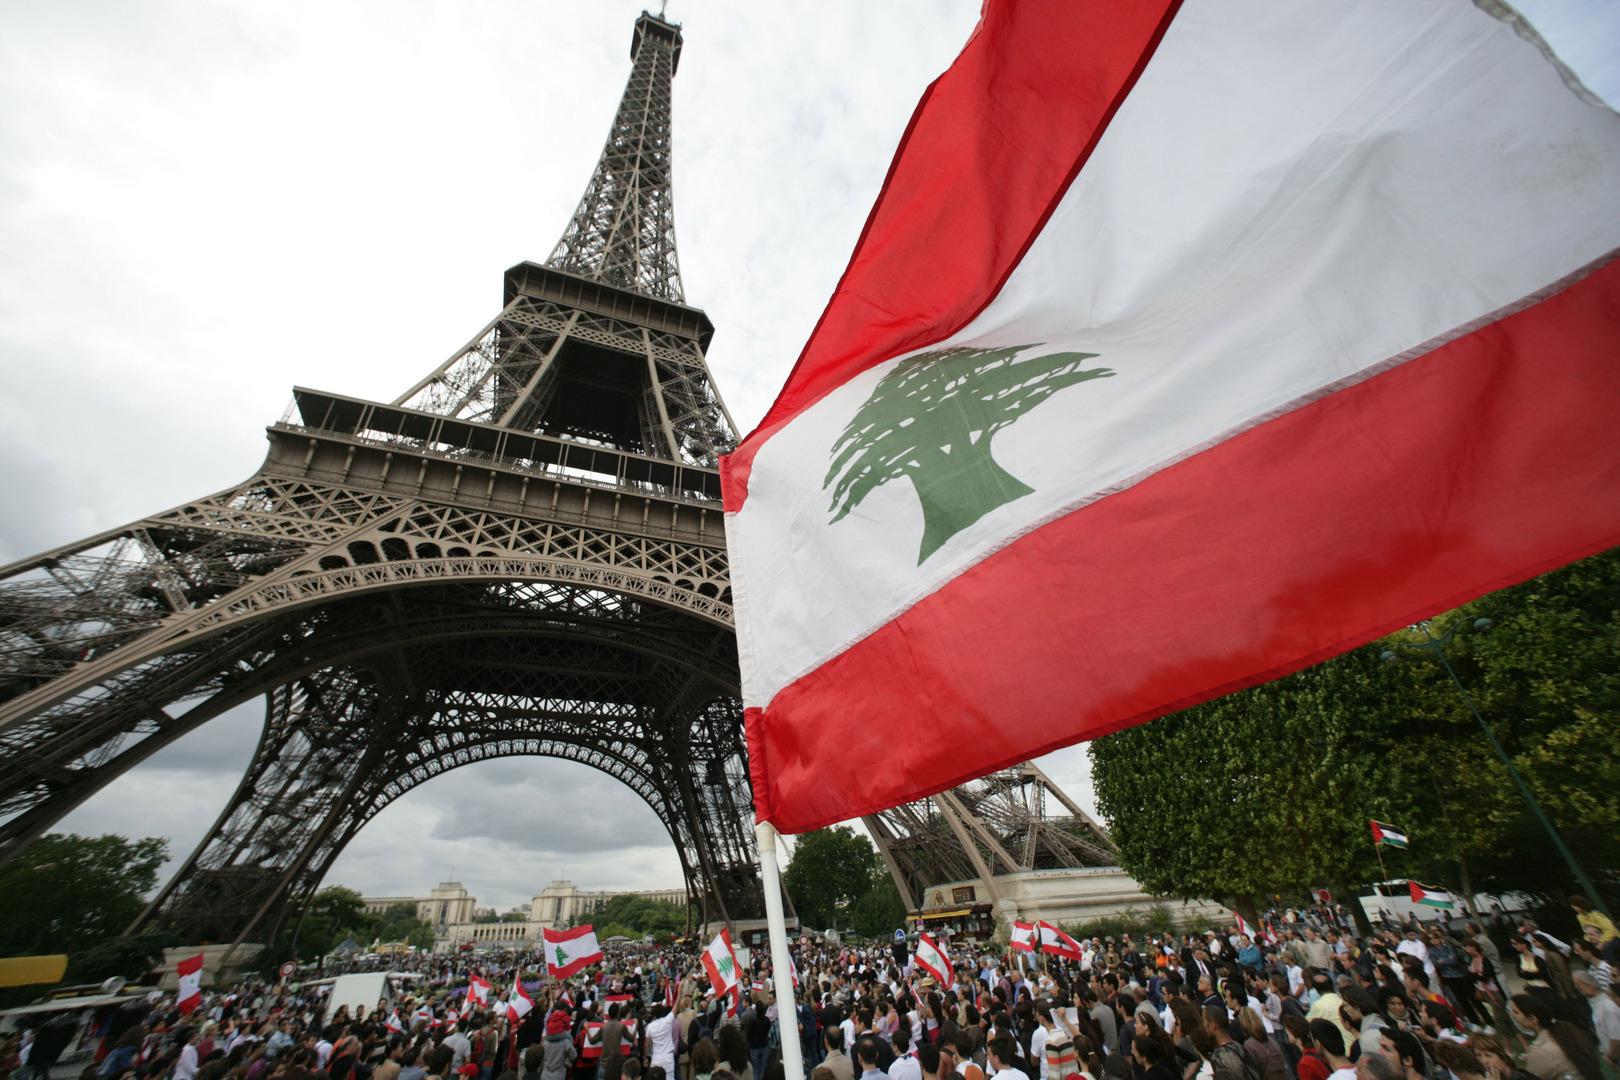 علم لبنان أمام برج إيفل في العاصمة الفرنسية باريس